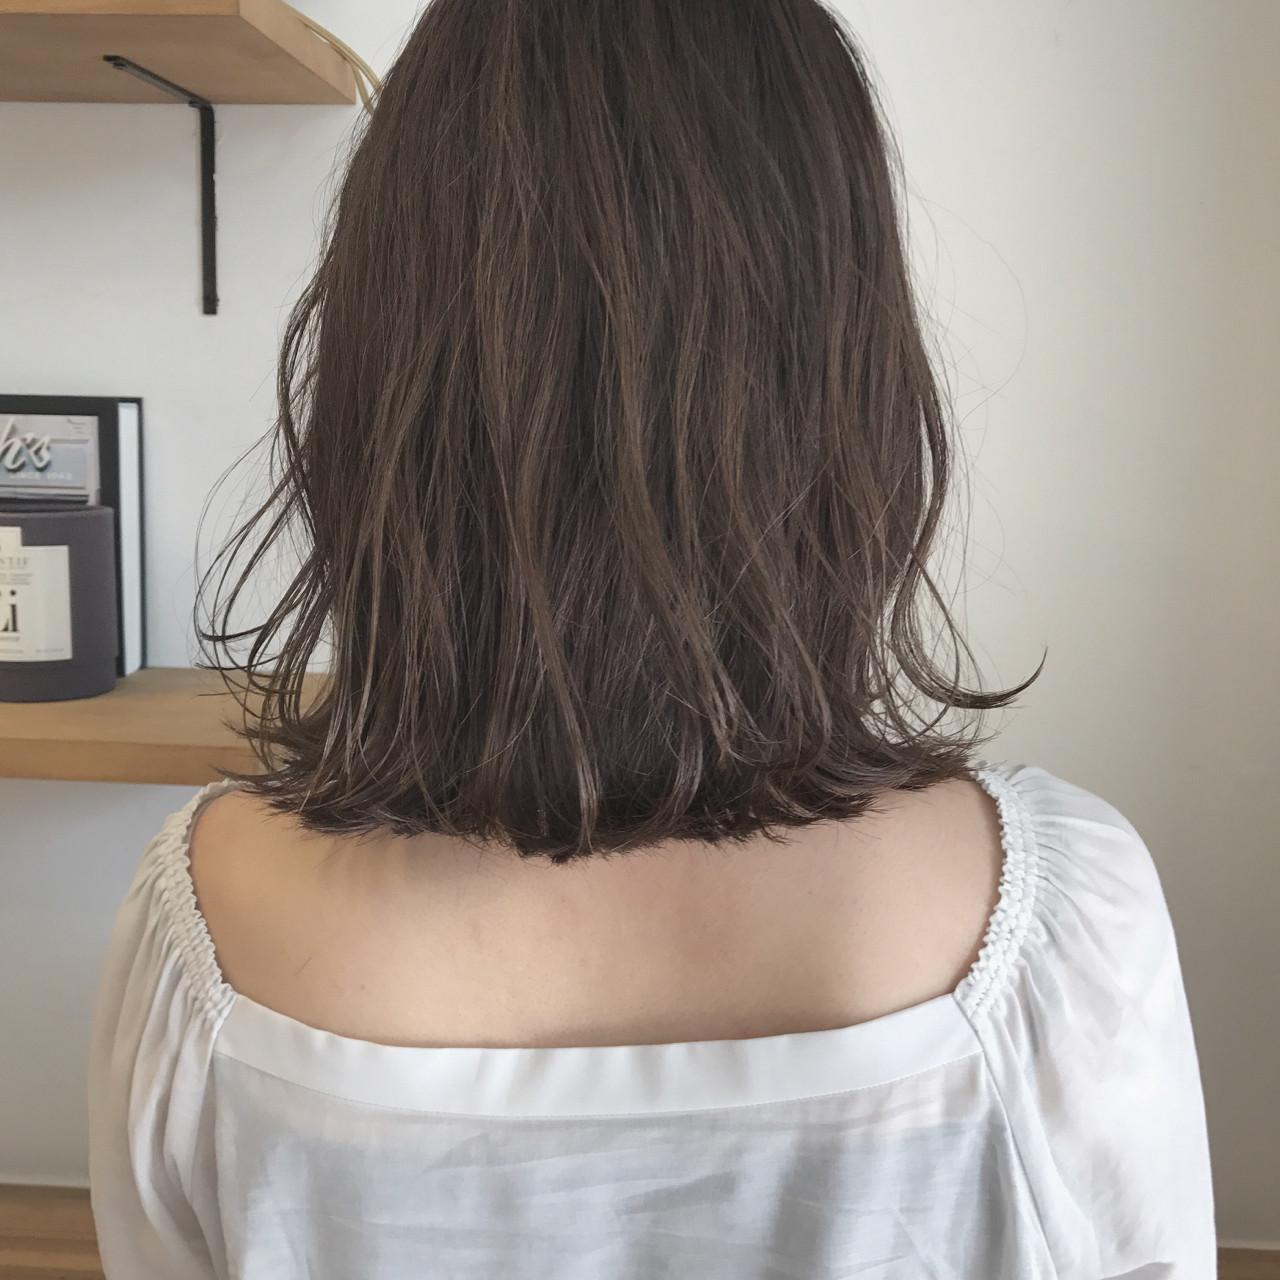 外ハネ ハイライト ナチュラル 透明感 ヘアスタイルや髪型の写真・画像